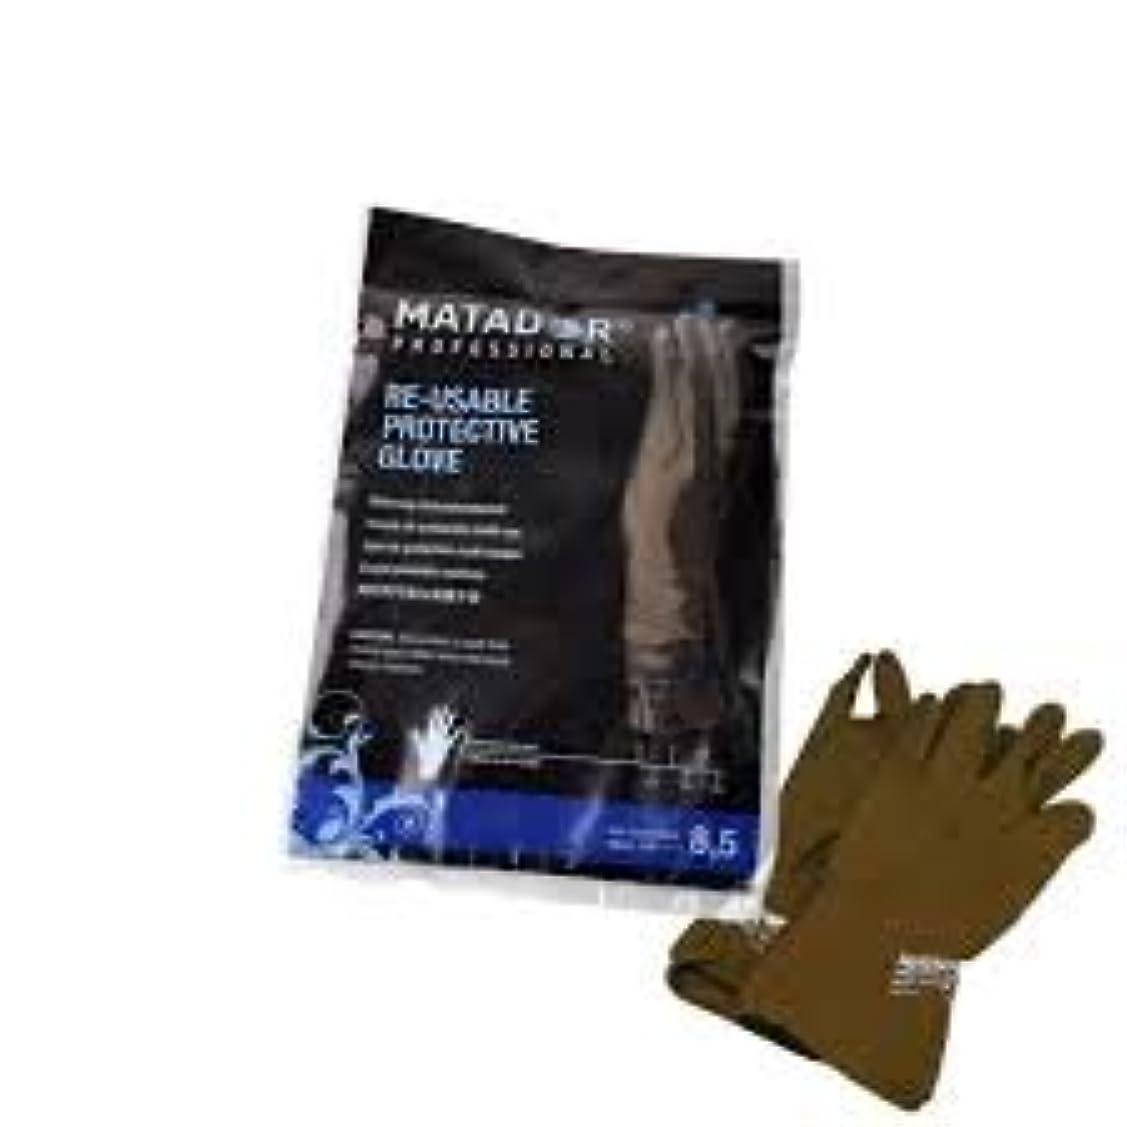 マットレス夢中ハードマタドールゴム手袋 8.5吋 【10個セット】